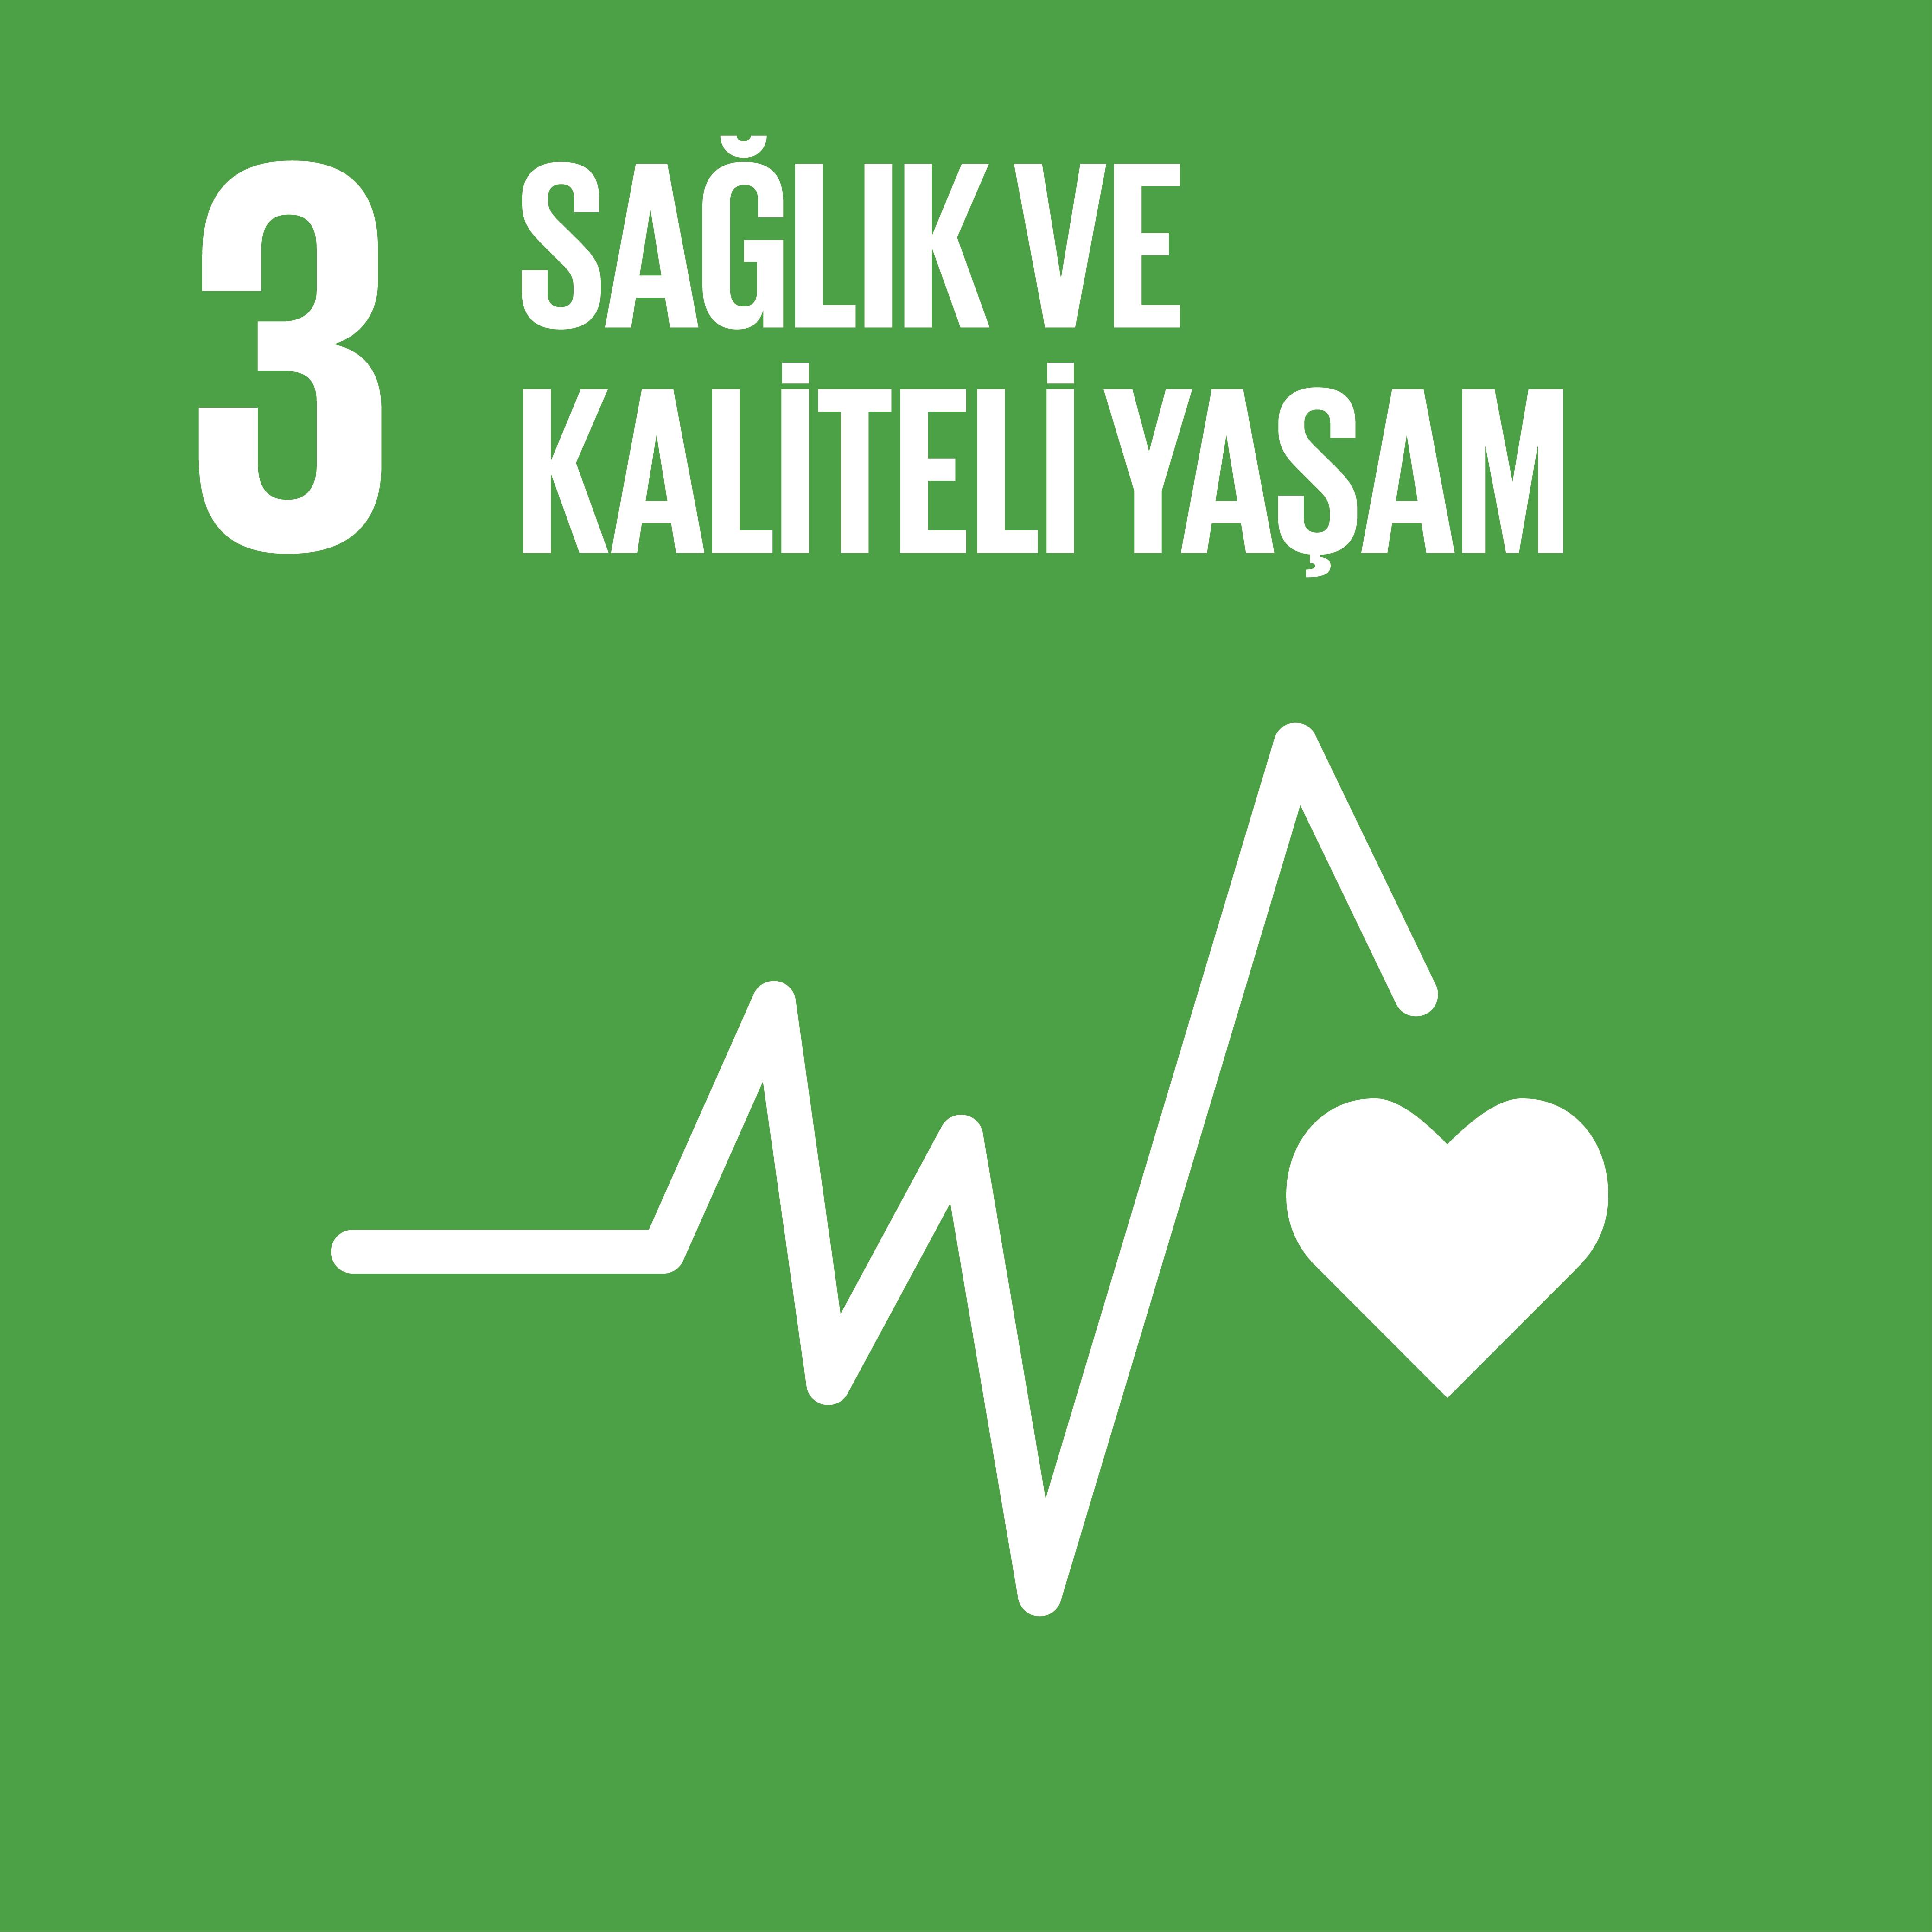 SDG 3 Sürdürülebilir Kalkınma Amacı 3 - Sağlık ve Kaliteli Yaşam